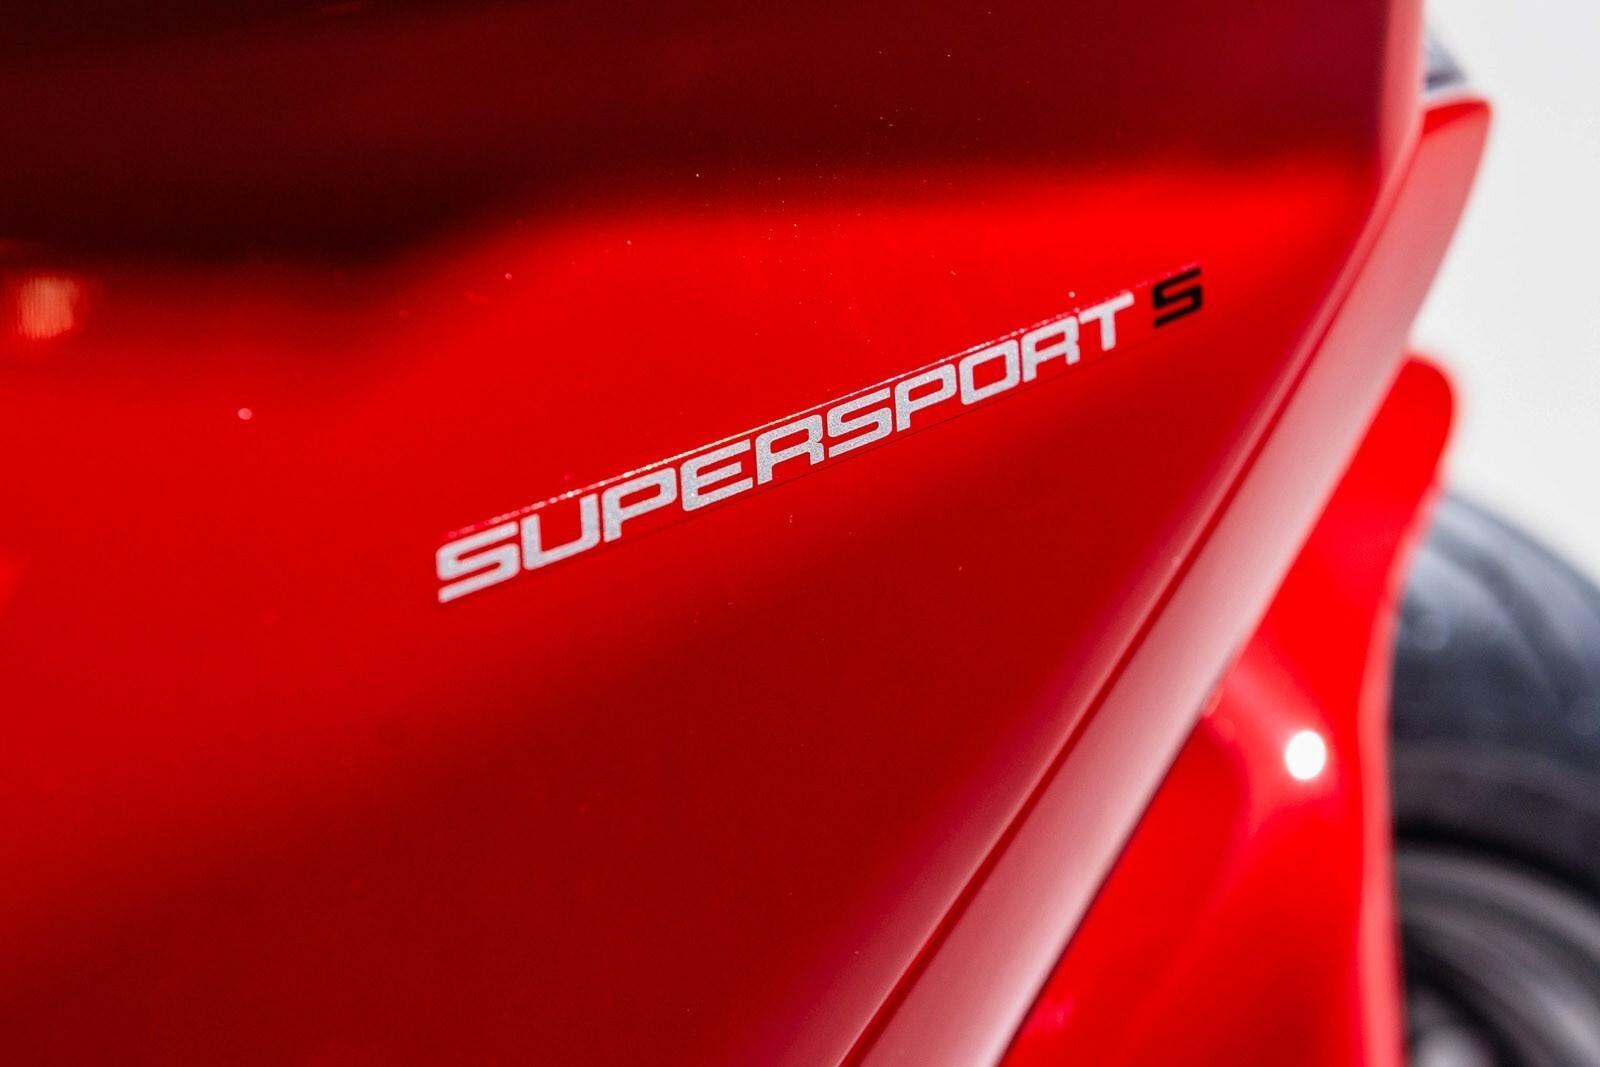 Supersport S 2020